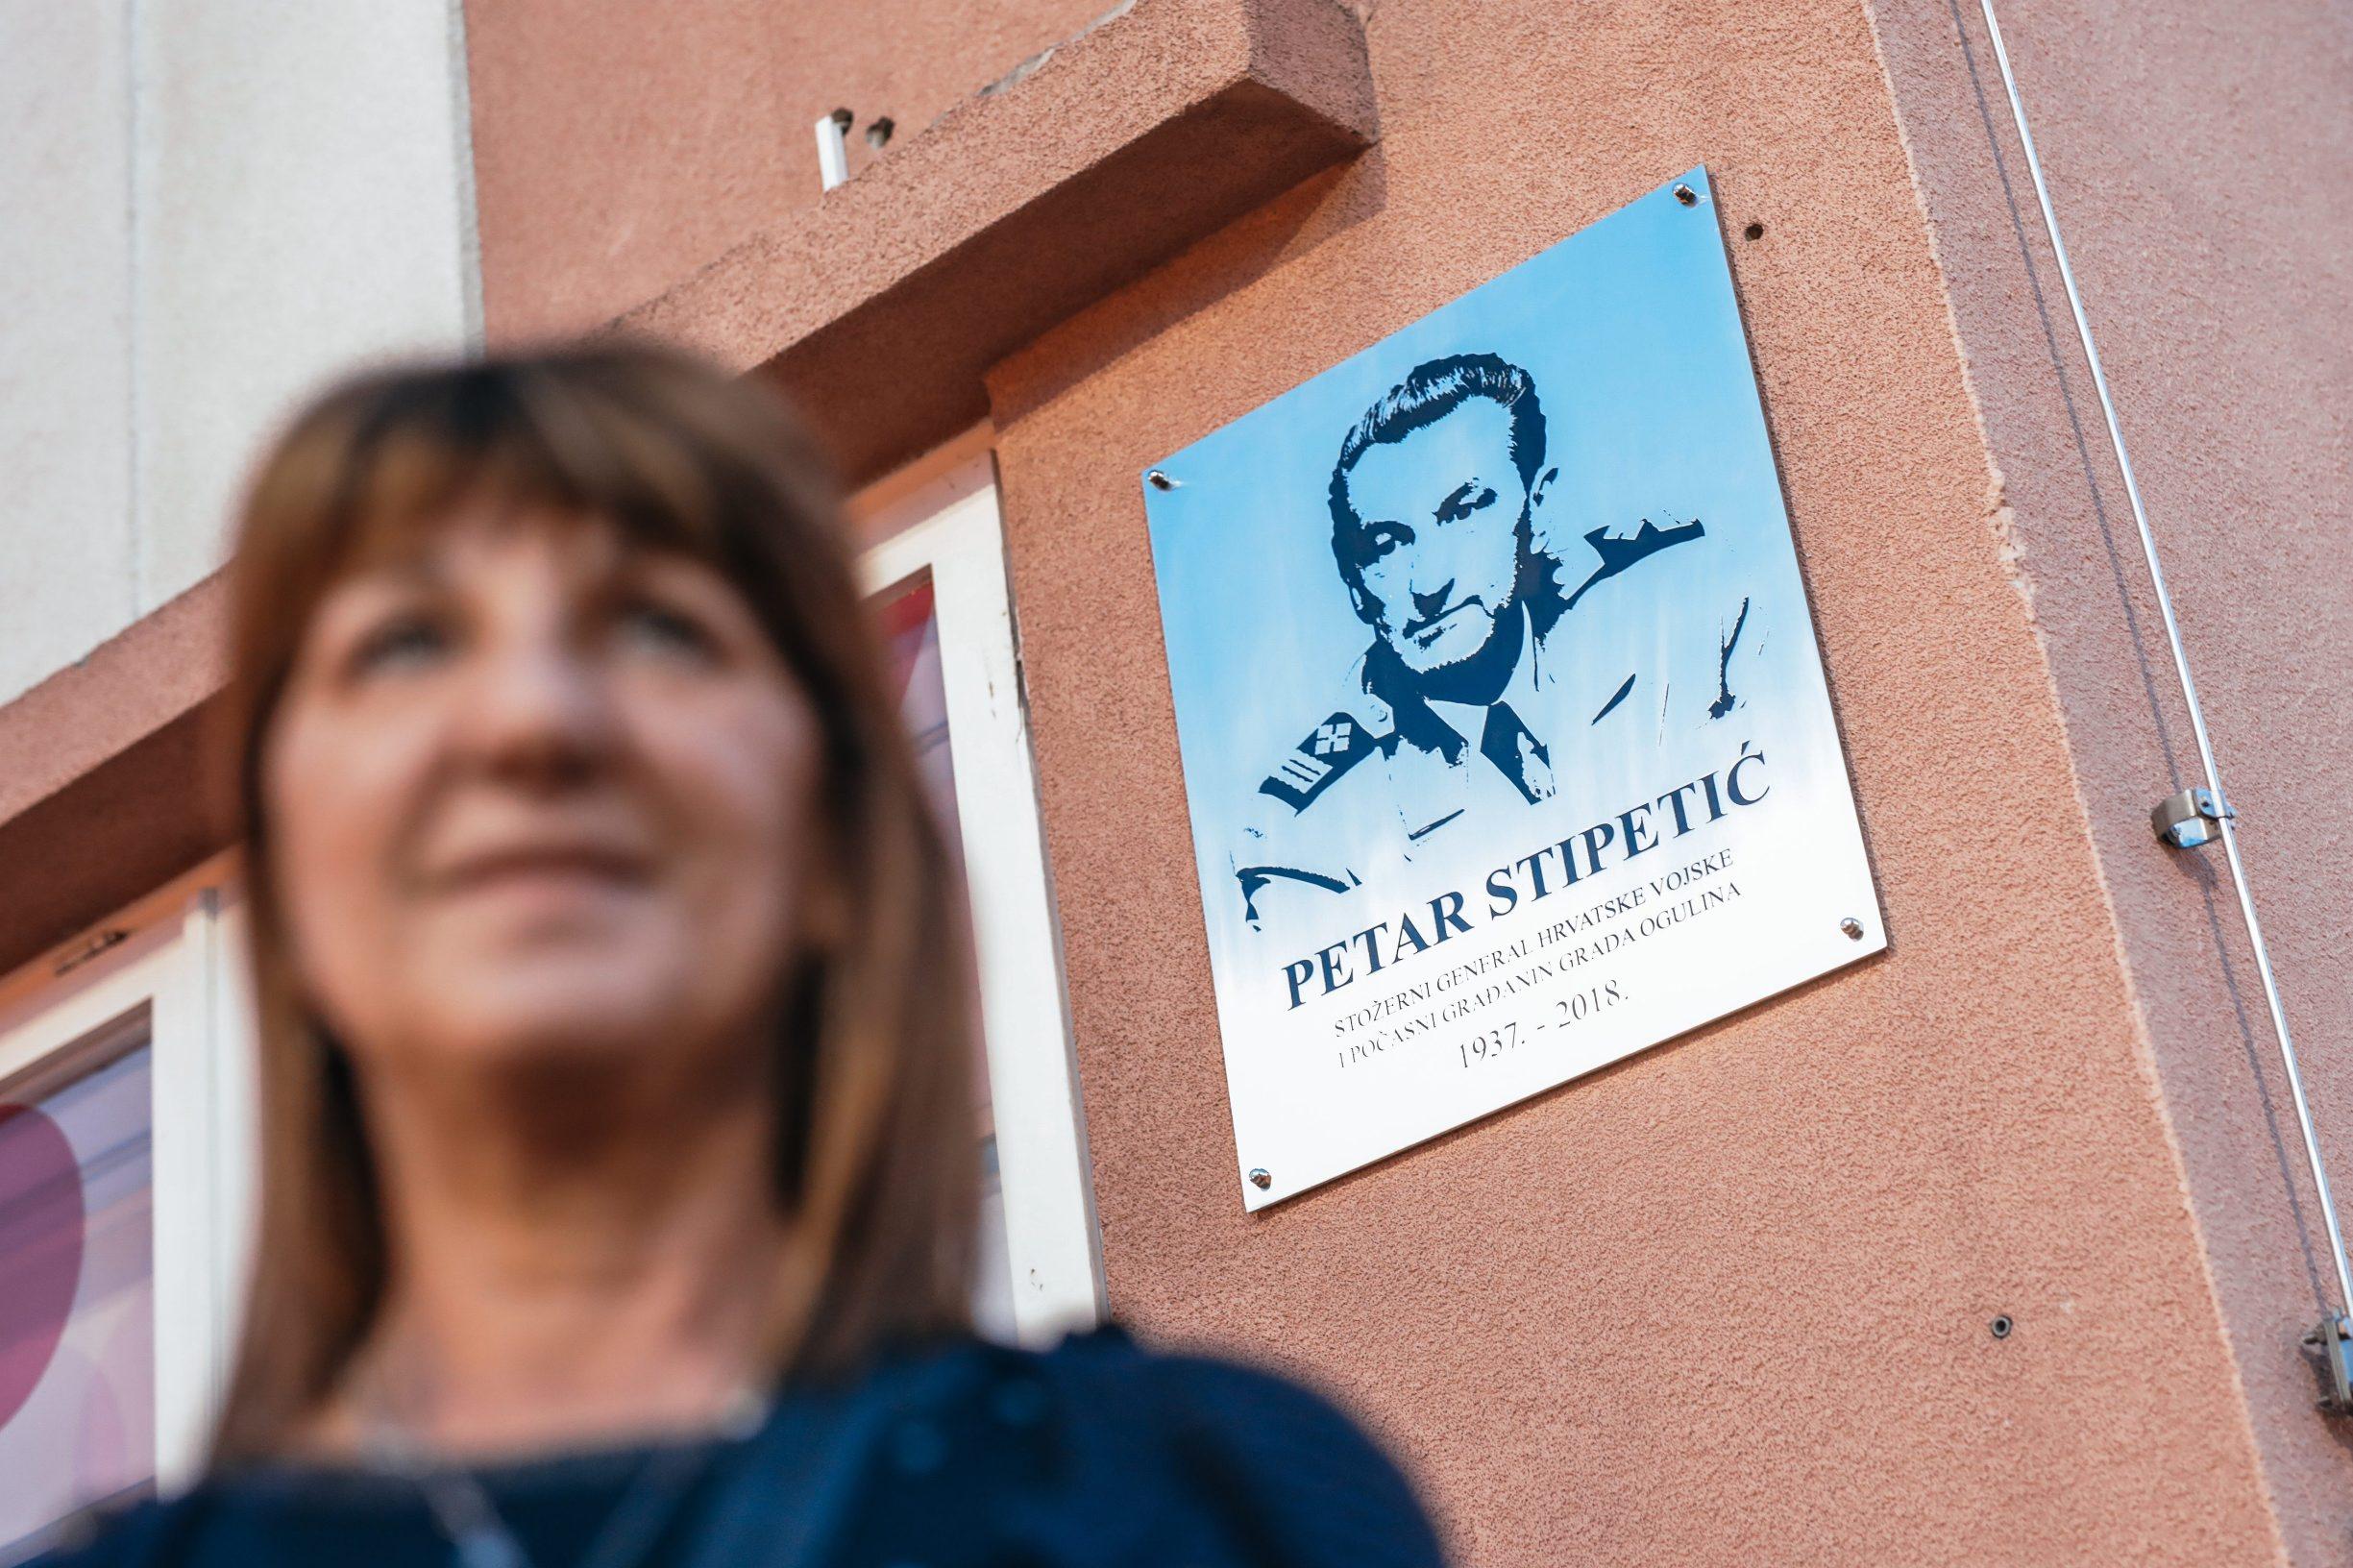 Ogulin, 281019 Reportaza o Ogulinu. Na fotografiji Dubravka Vukovic, glavna urednica i direktorica Radio Ogulina i OG portala. Foto: Danijel Soldo / CROPIX